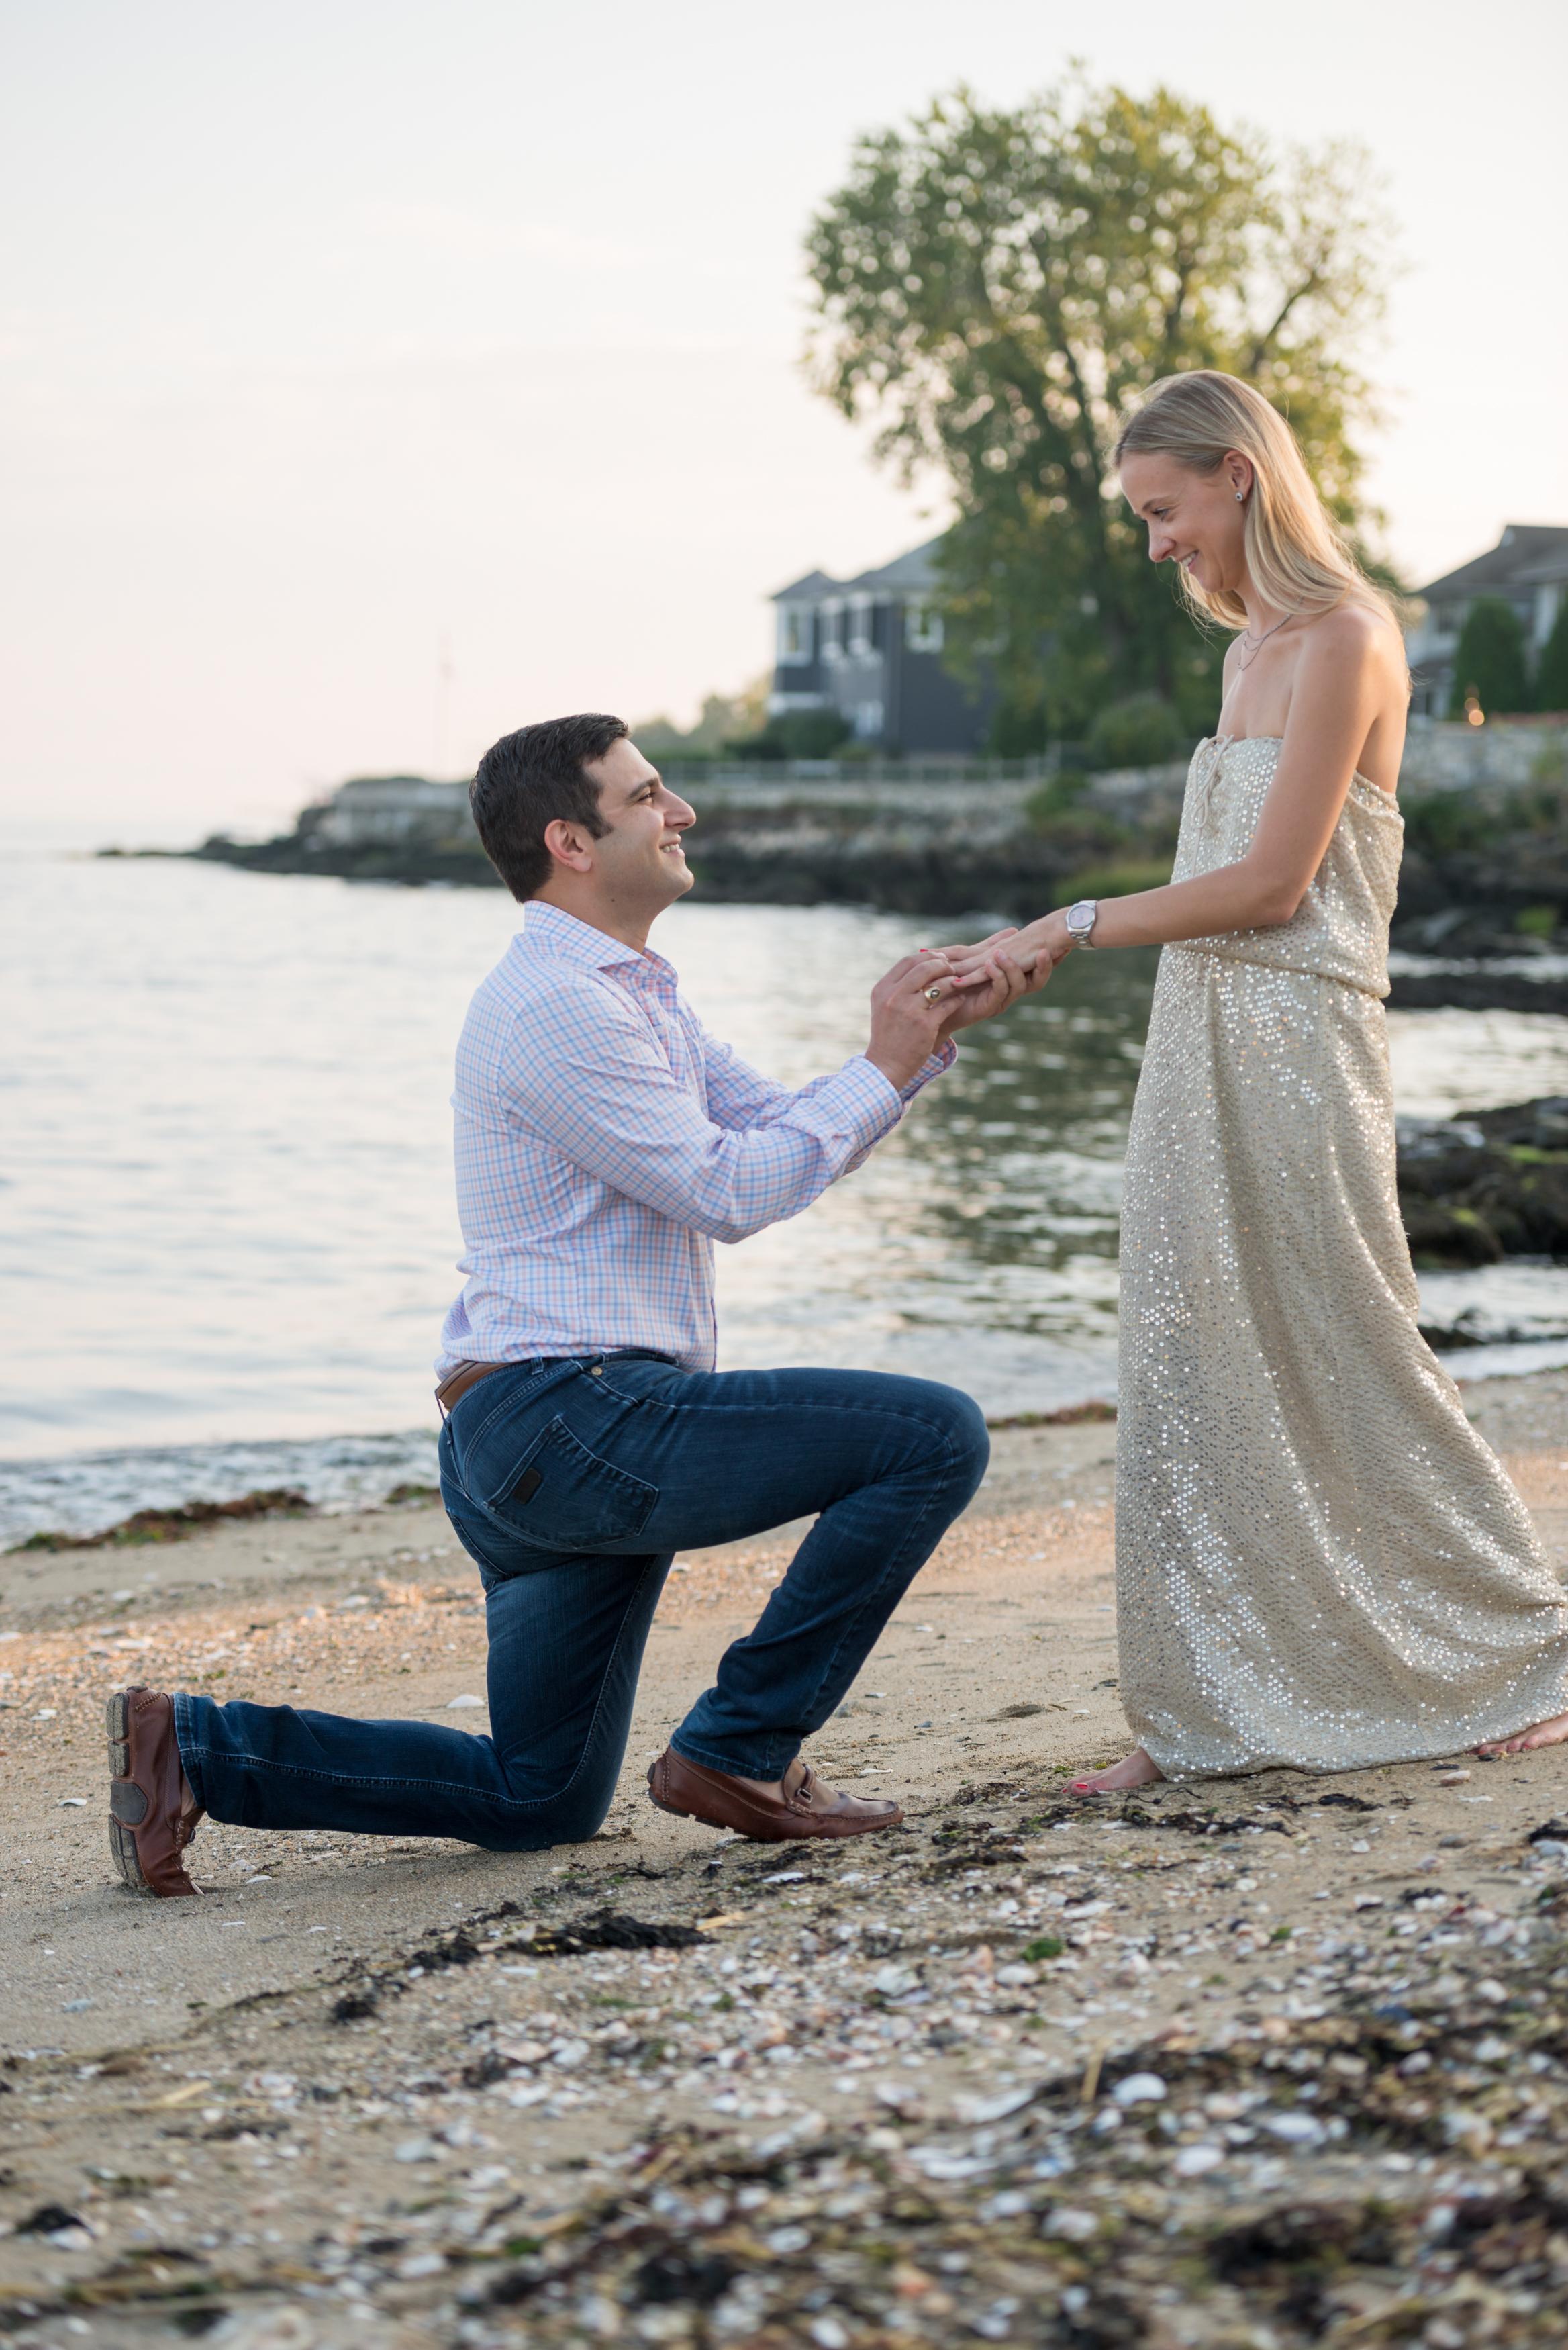 Proposal-Photos-091617-32.jpg